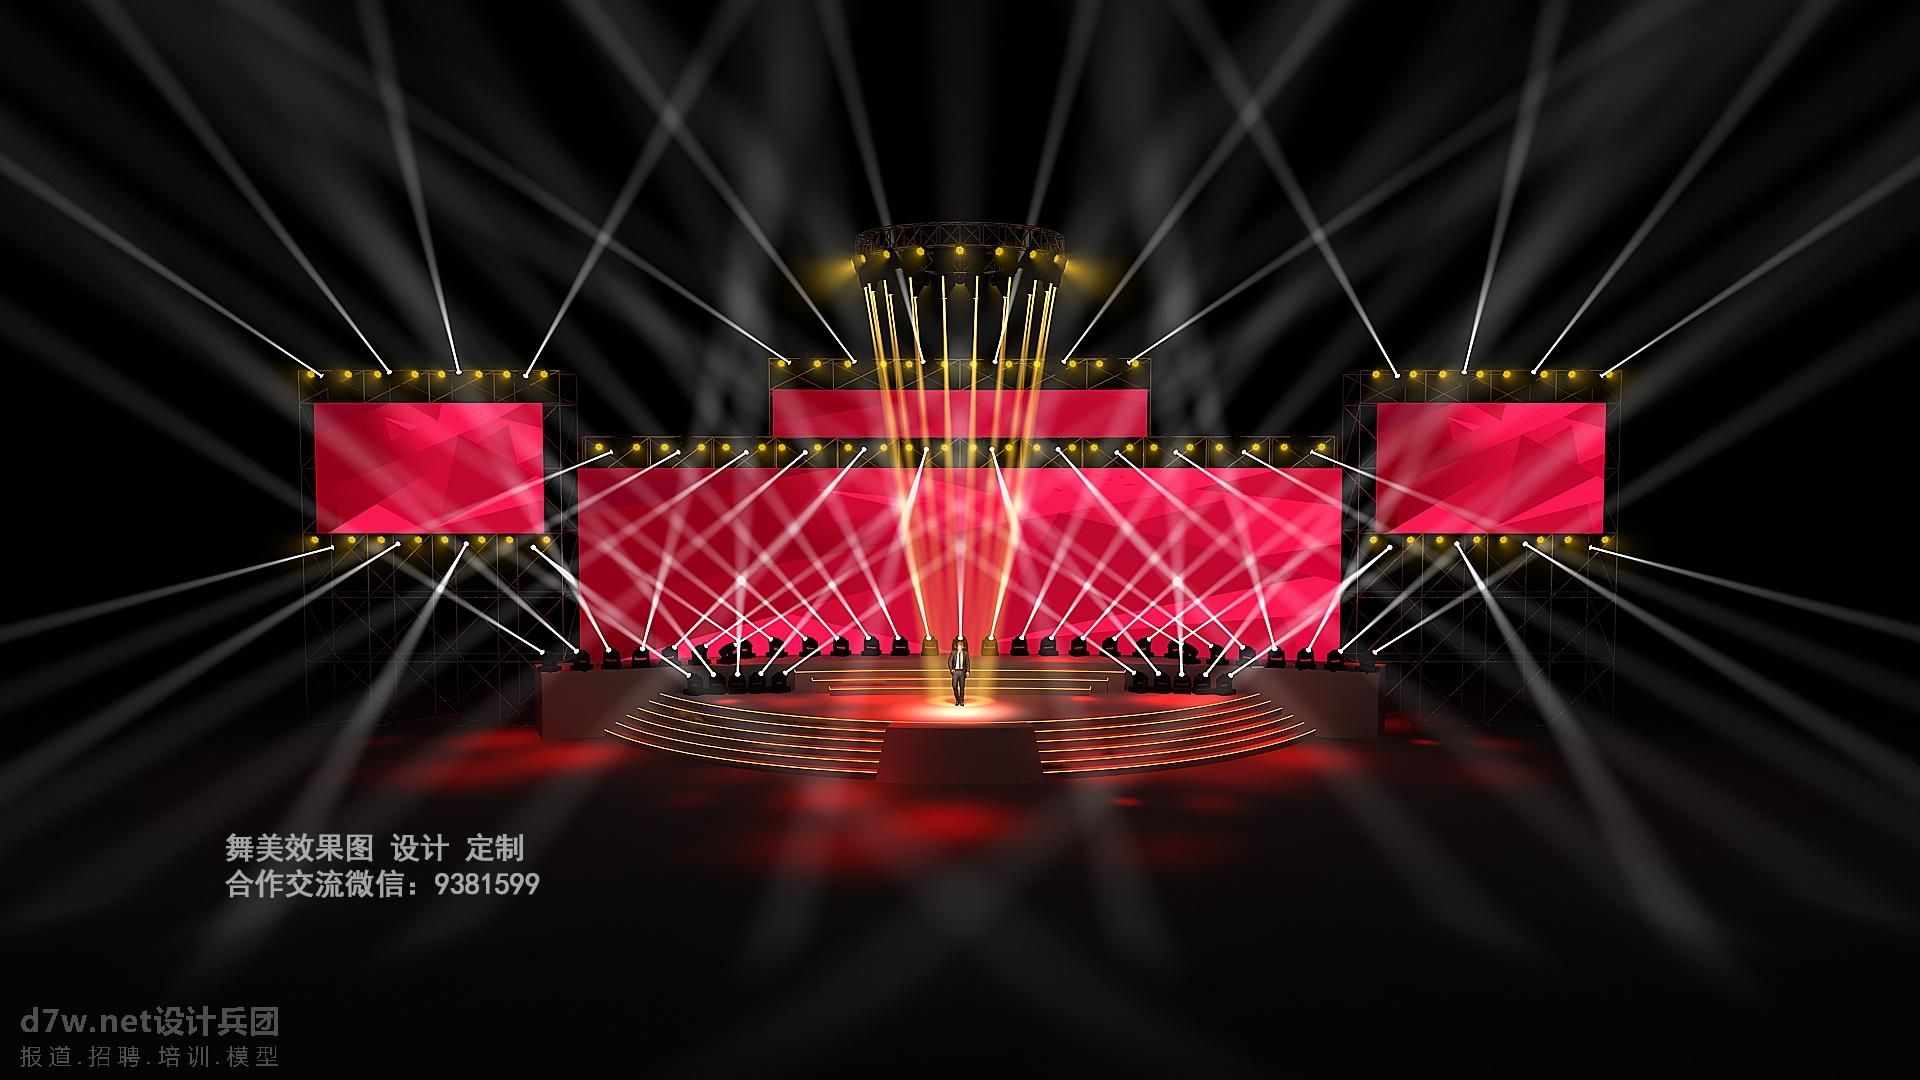 舞美效果图 舞台效果图 麦田舞美设计 舞美设计图 舞台设计图 年会舞美设计 年会舞台设计 企业发布会舞美 企 ...